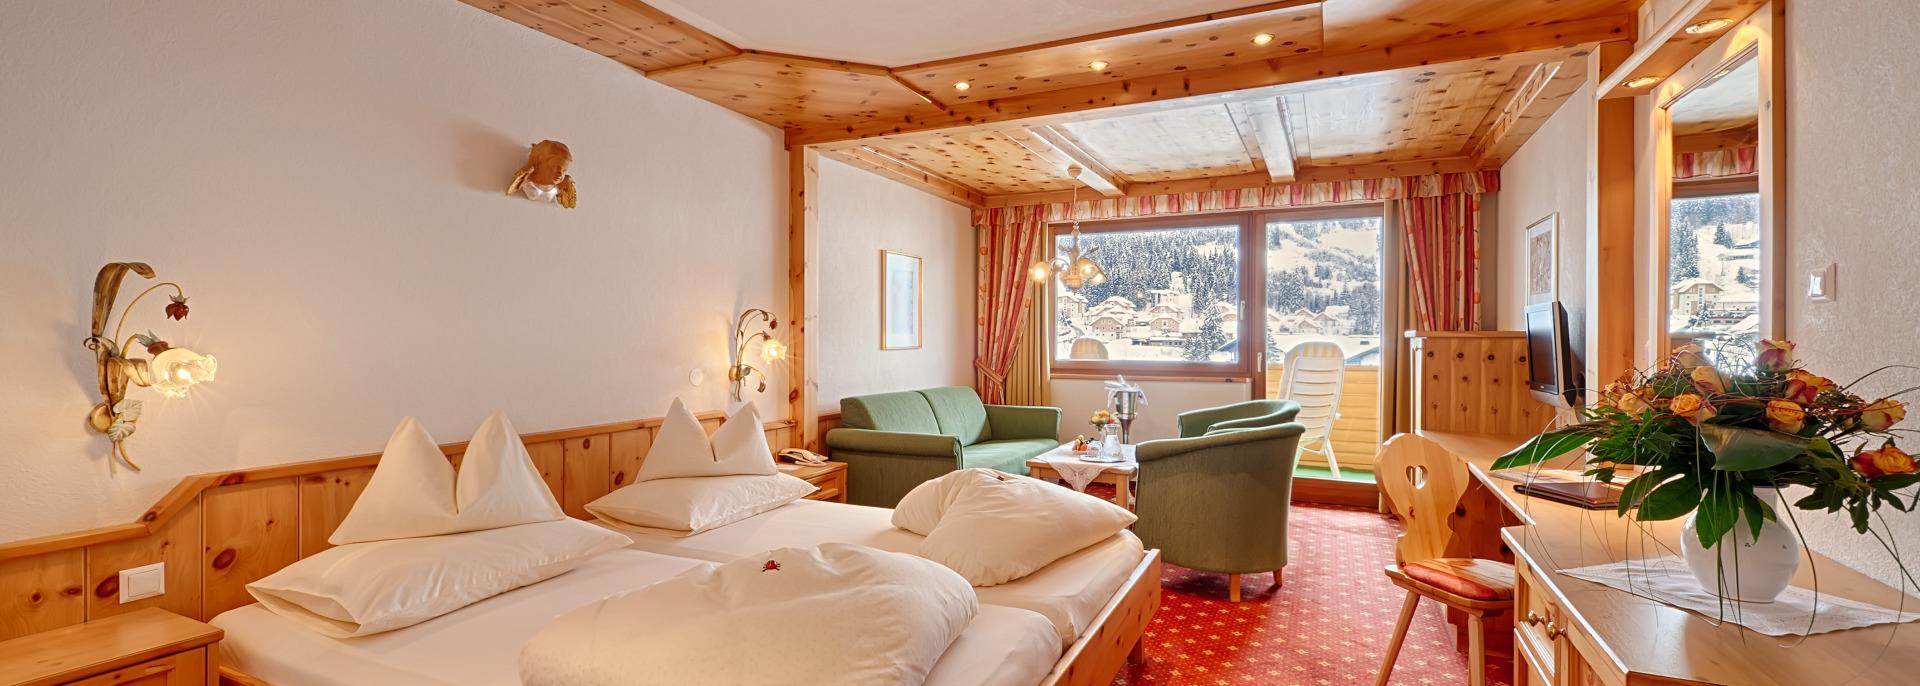 Camere di legno cirmolo a Bad Kleinkirchheim : una sana dormita